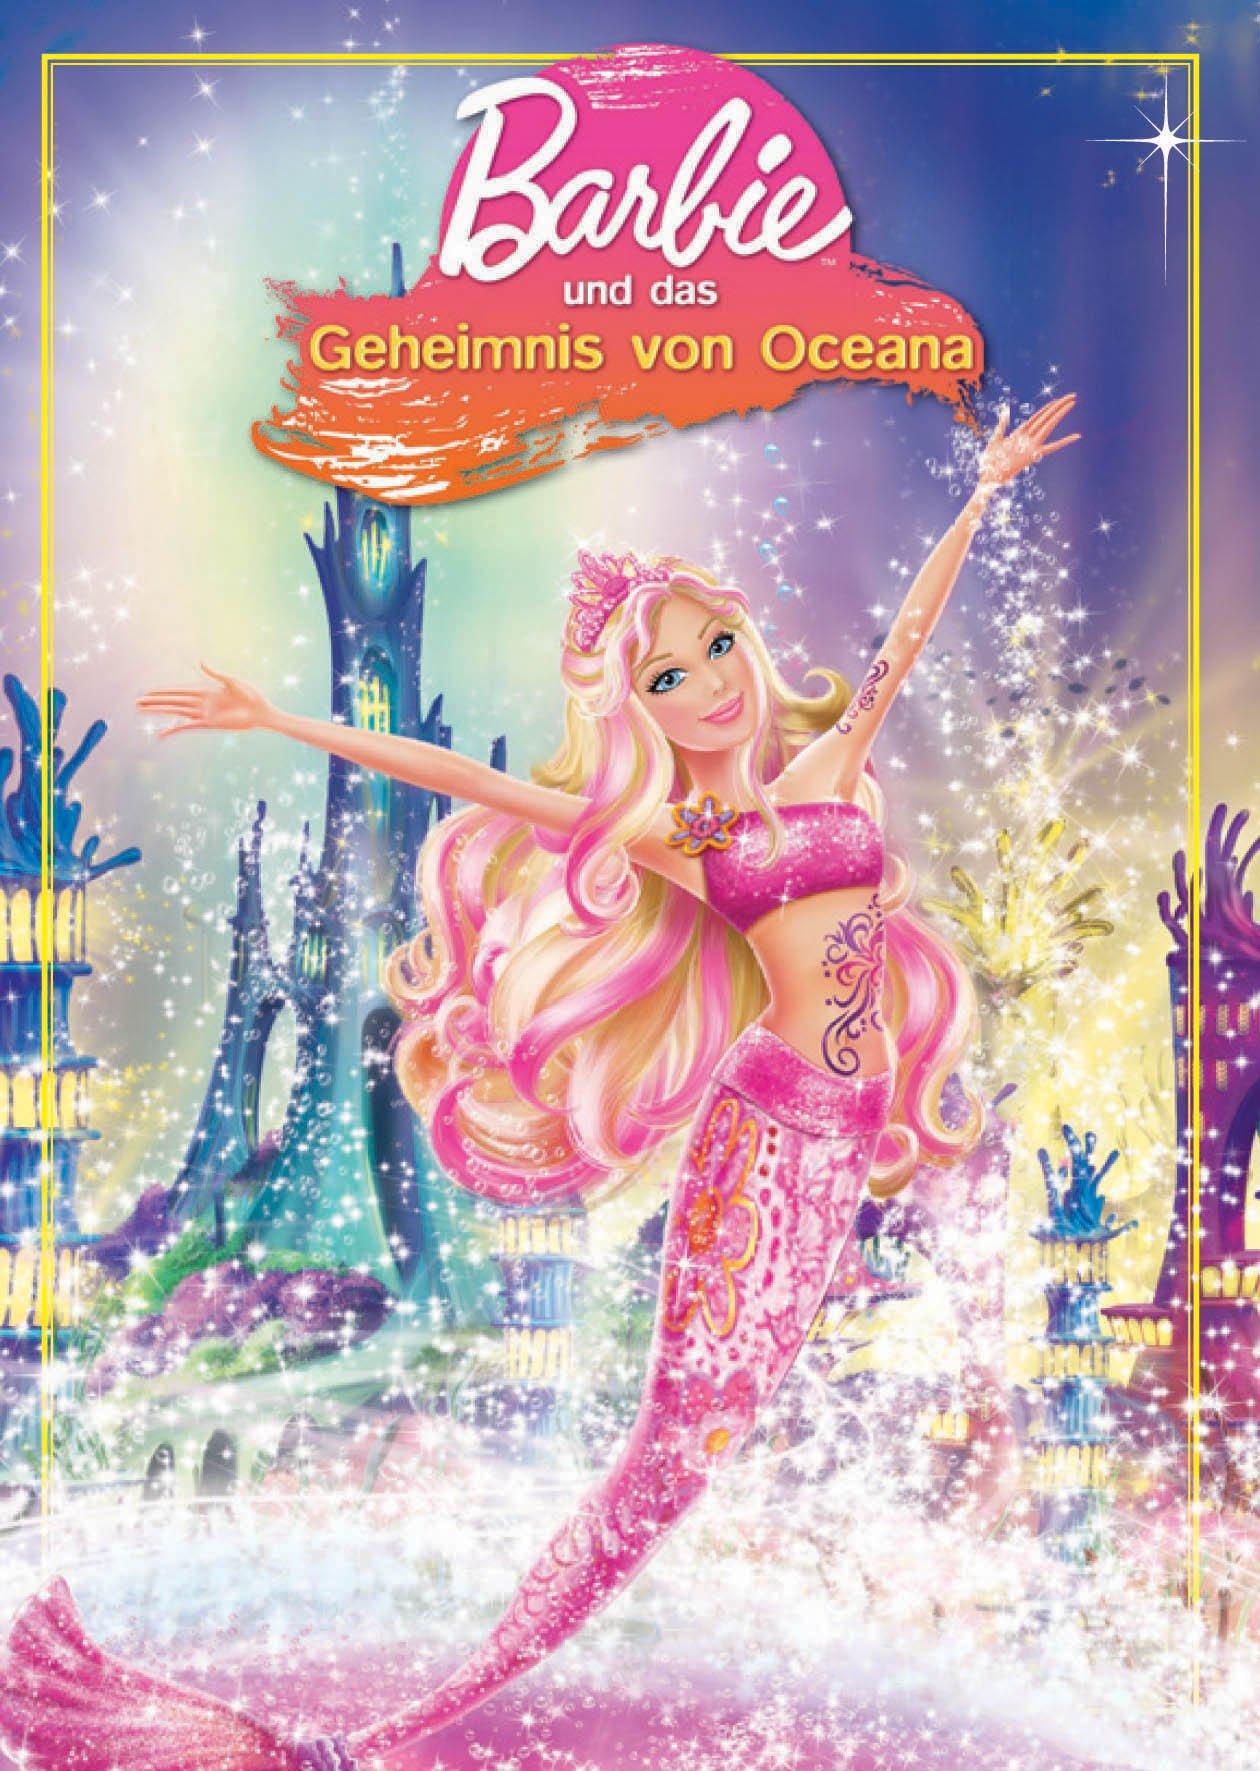 Ausmalbilder Barbie Oceana 2 : Barbie Und Das Geheimnis Von Oceana Buch Zum Film Das Buch Zum Film